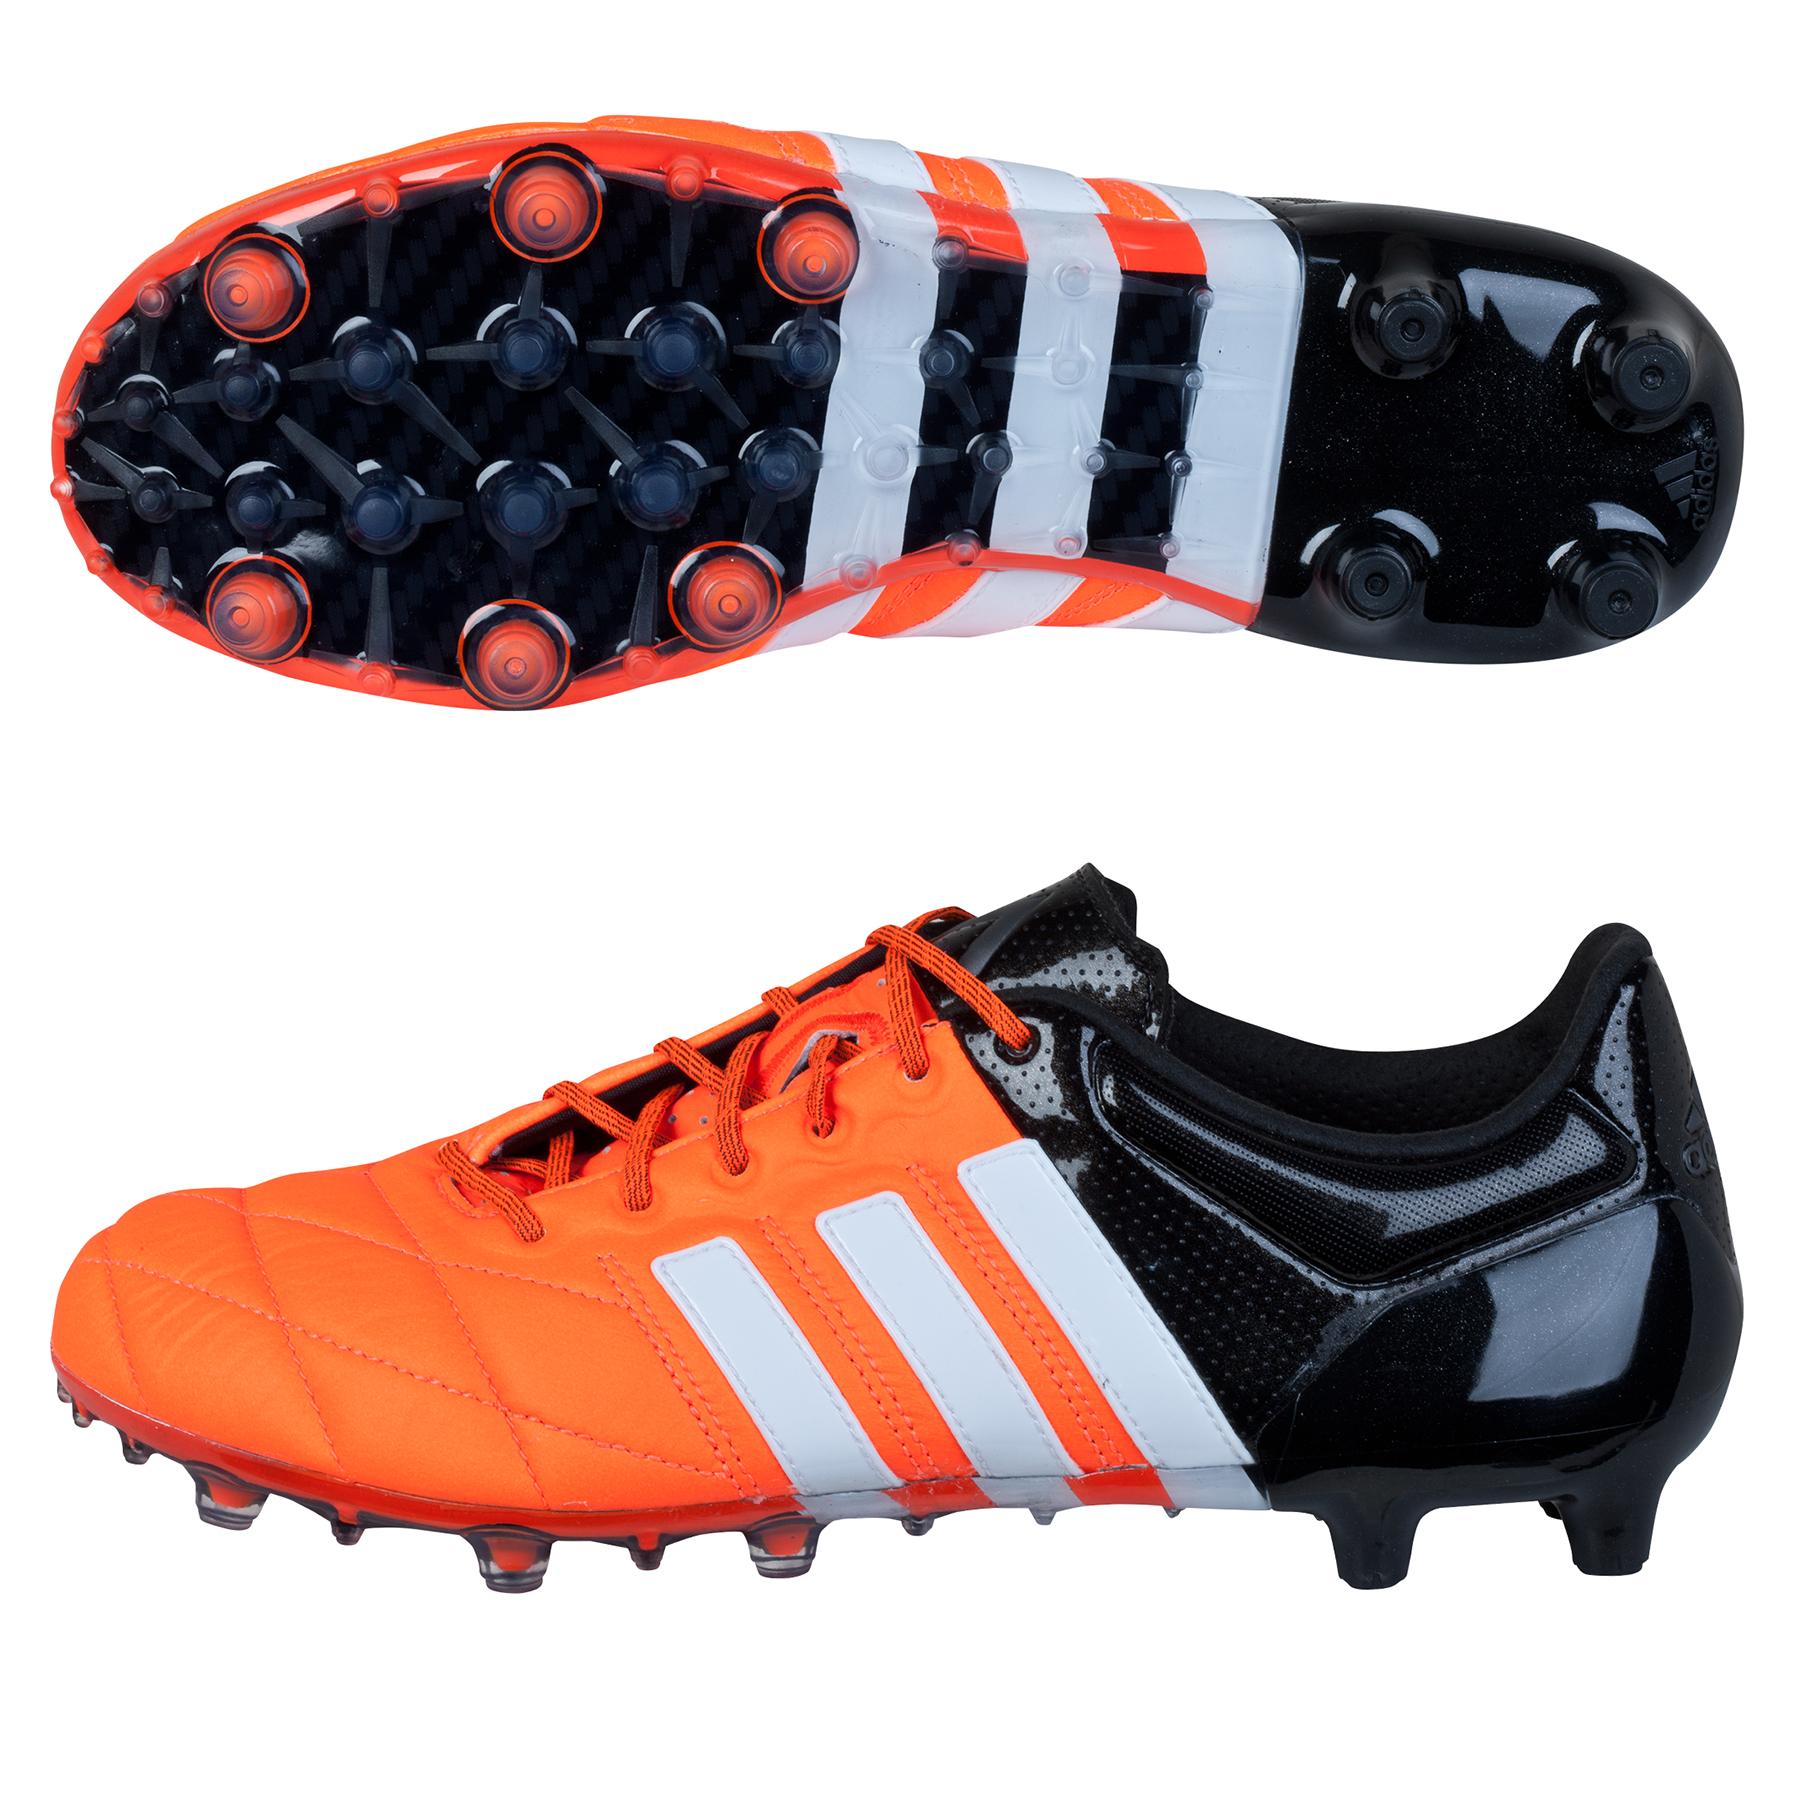 adidas ACE 15.1 FG Leather Orange